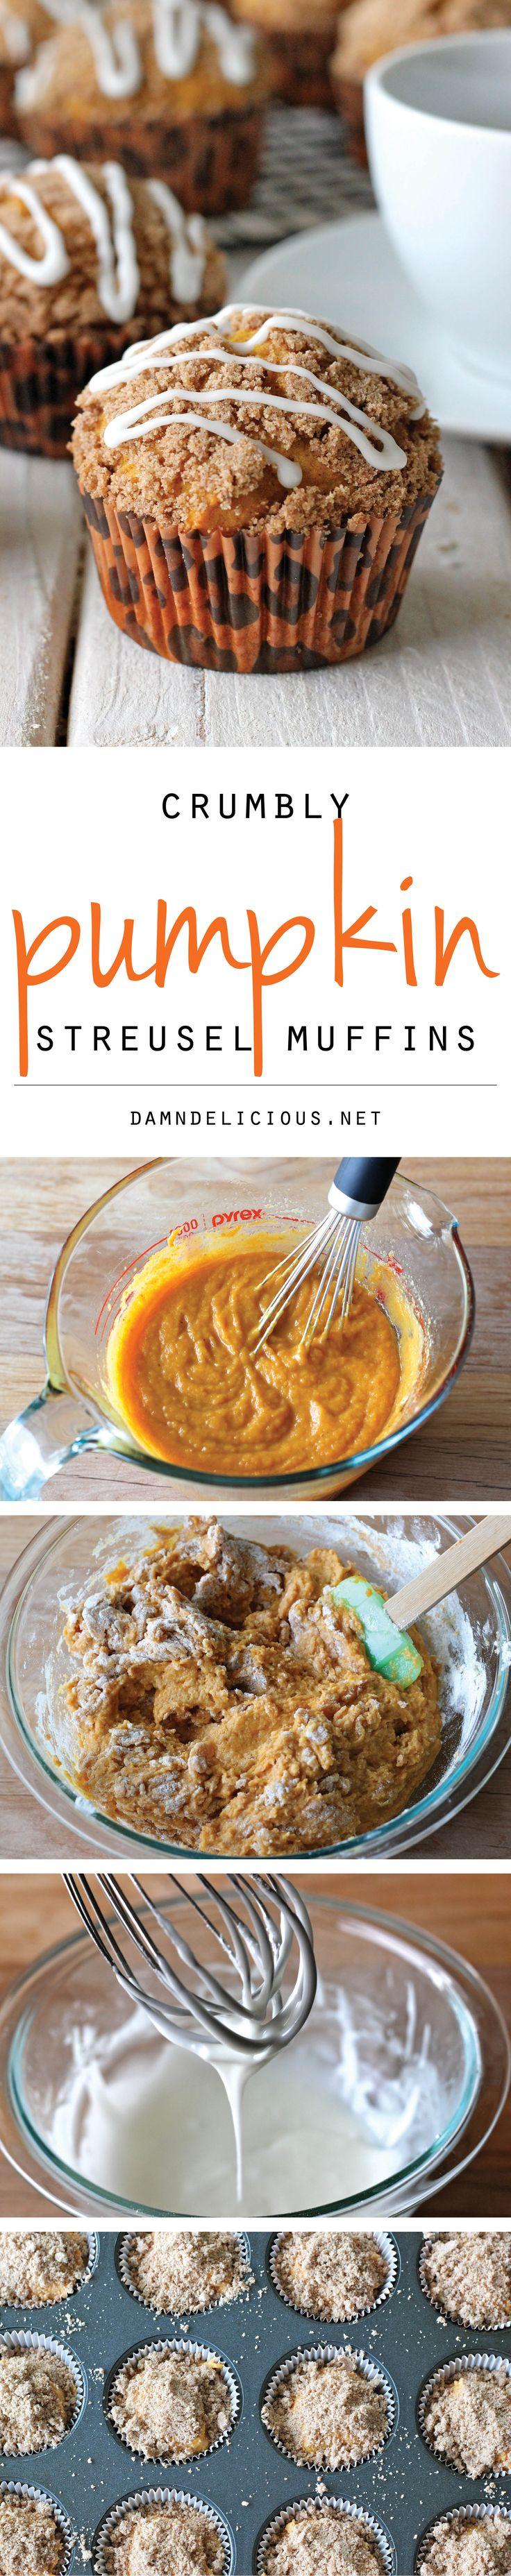 pumpkin streusel muffins pumpkin pumpkin pumpkin bread pumpkin spice ...